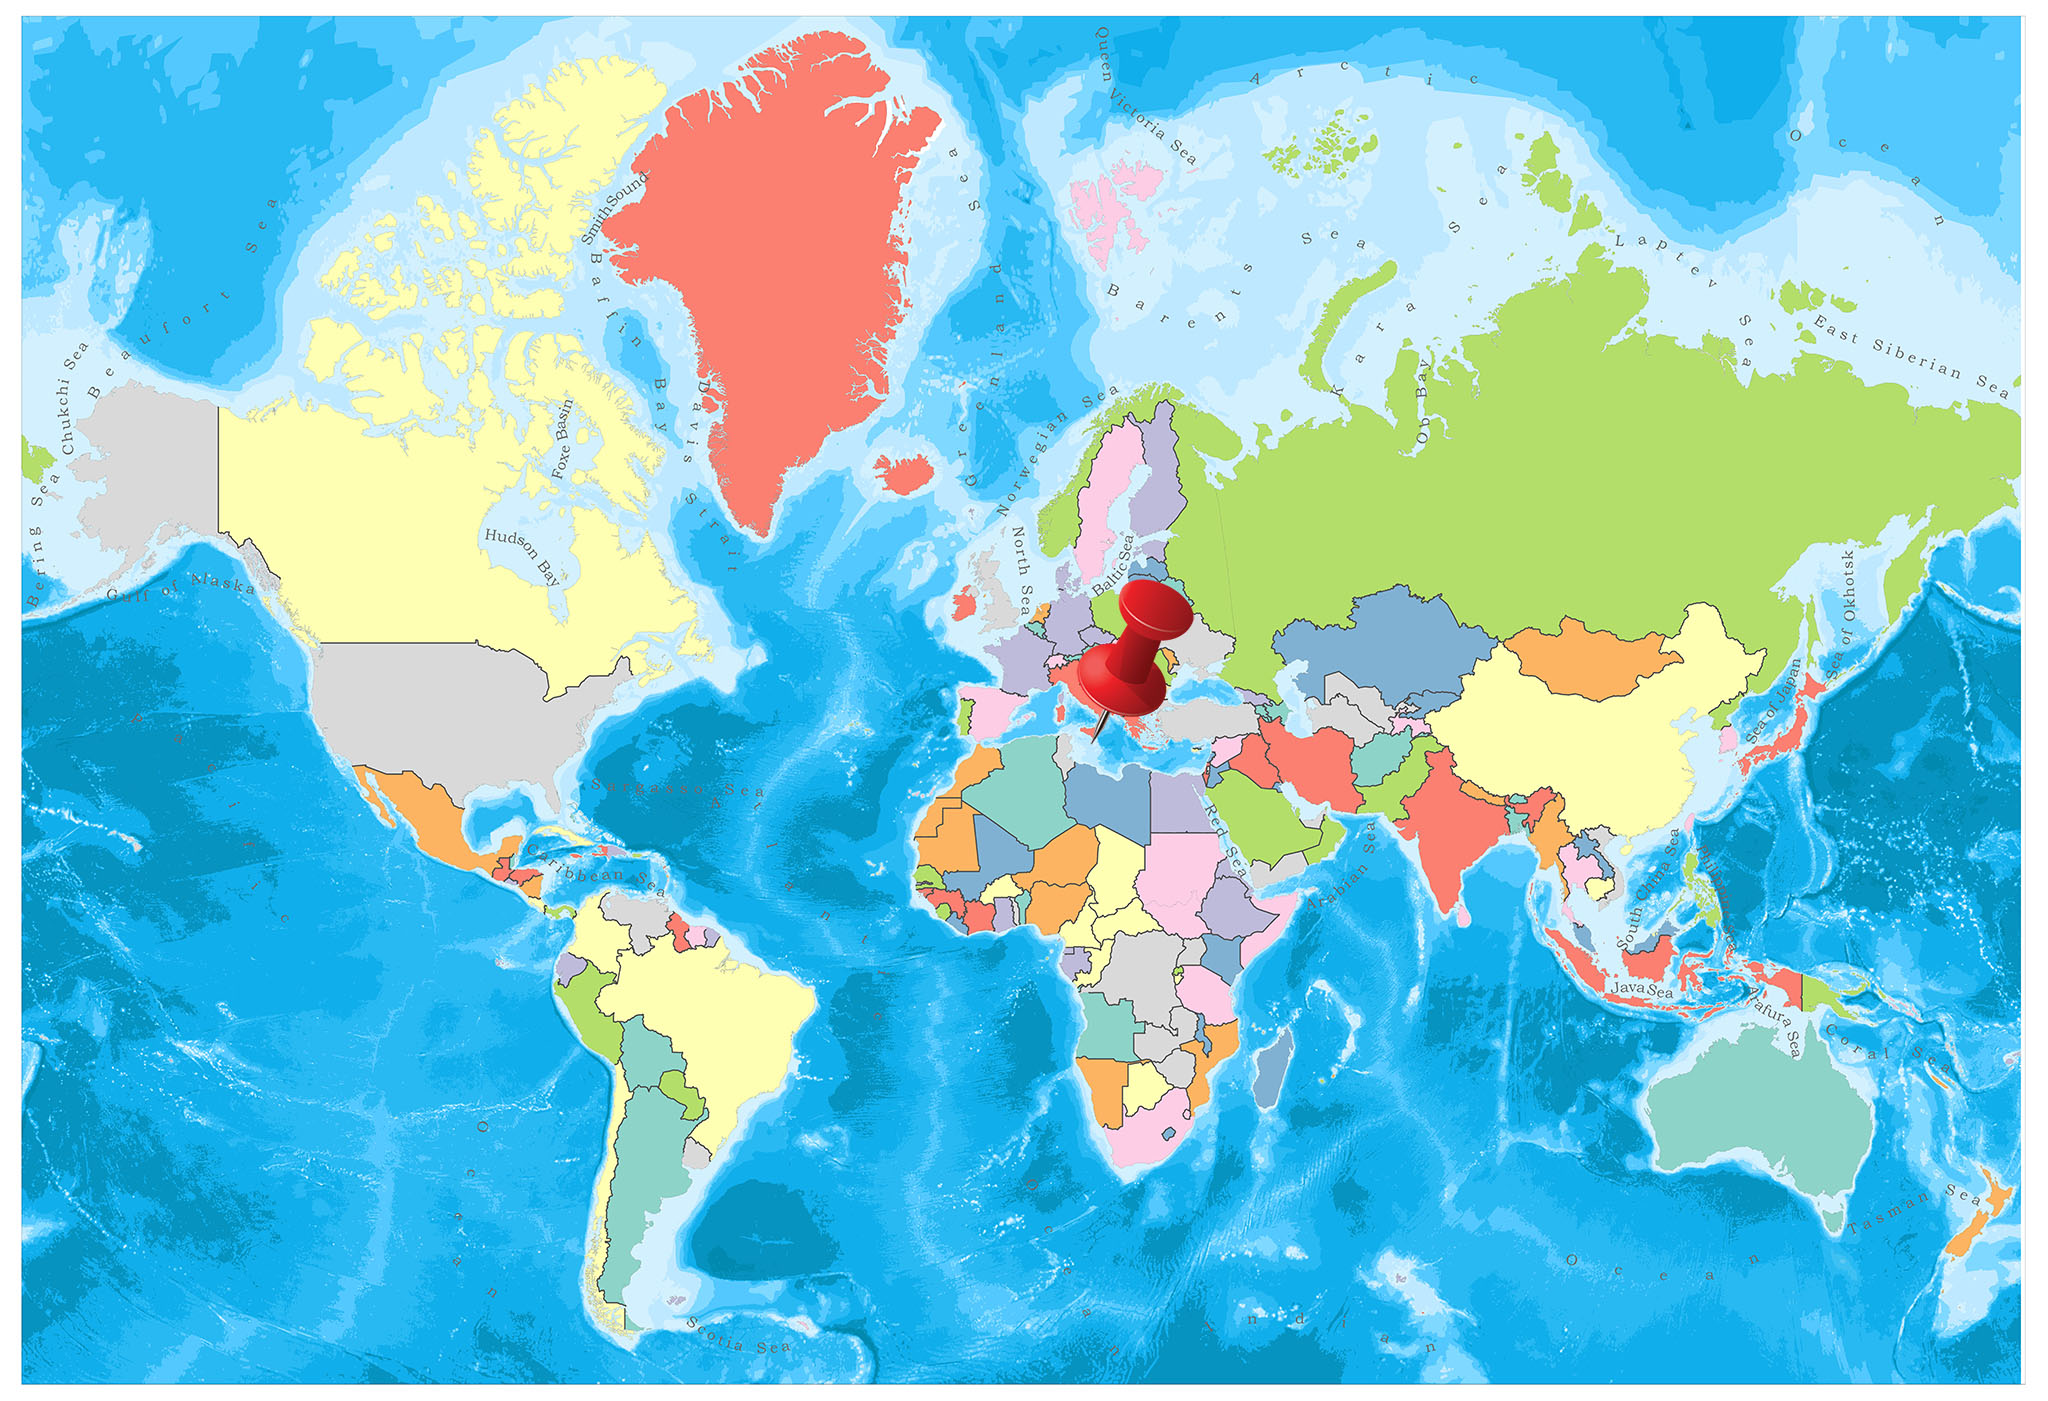 Malta on the world map